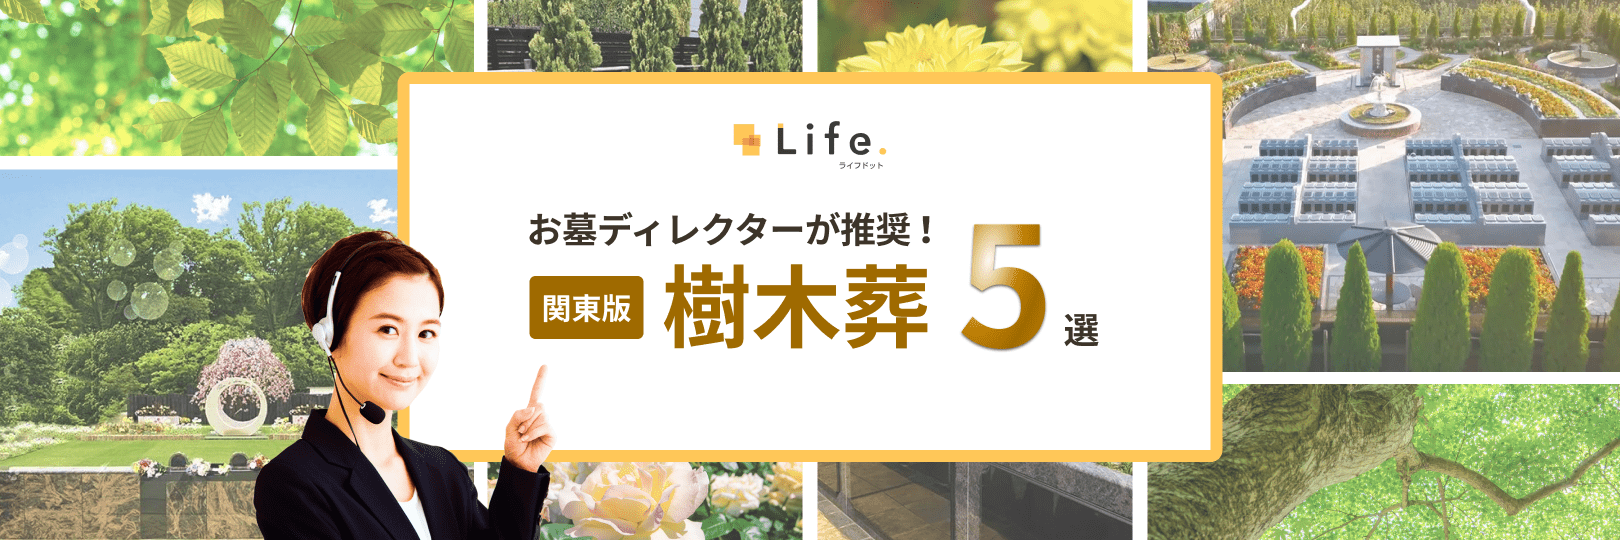 お墓ディレクター推奨!関東版樹木葬5選